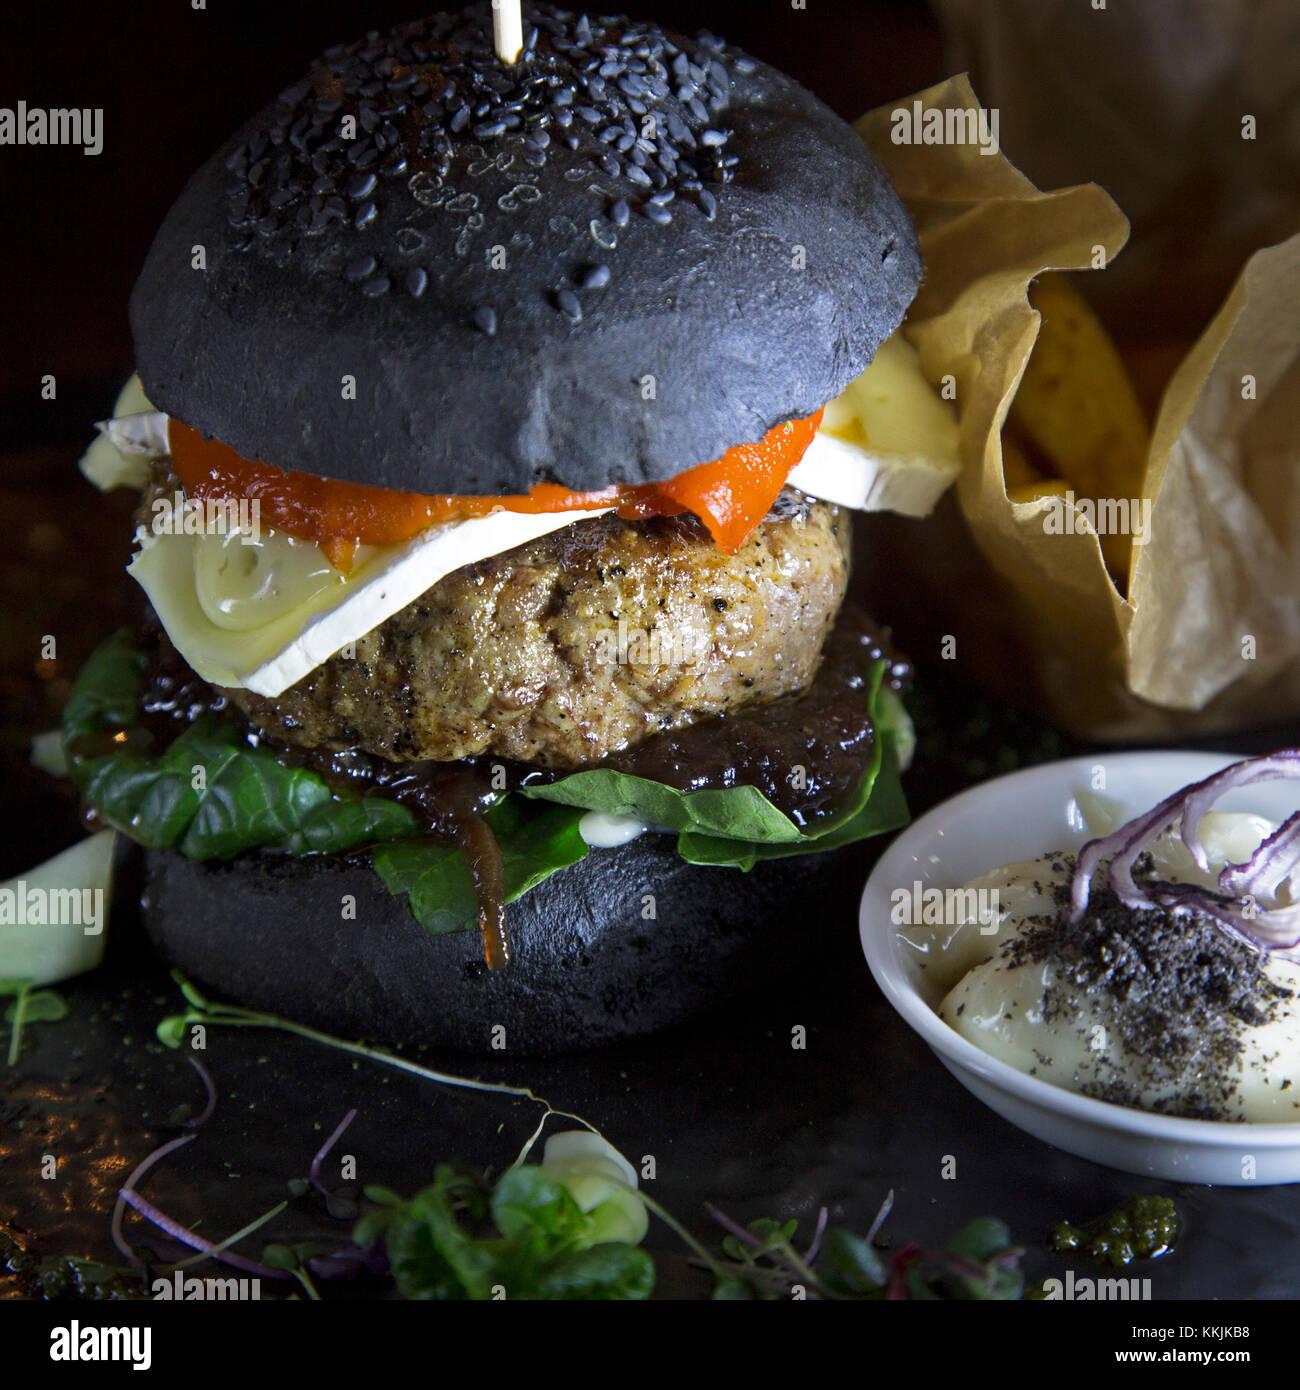 Hamburger d'agneau servi avec pain noir dans un bun au restaurant sourdine à Riga, Lettonie. Le burger dispose d'une tranche de fromage français. Banque D'Images